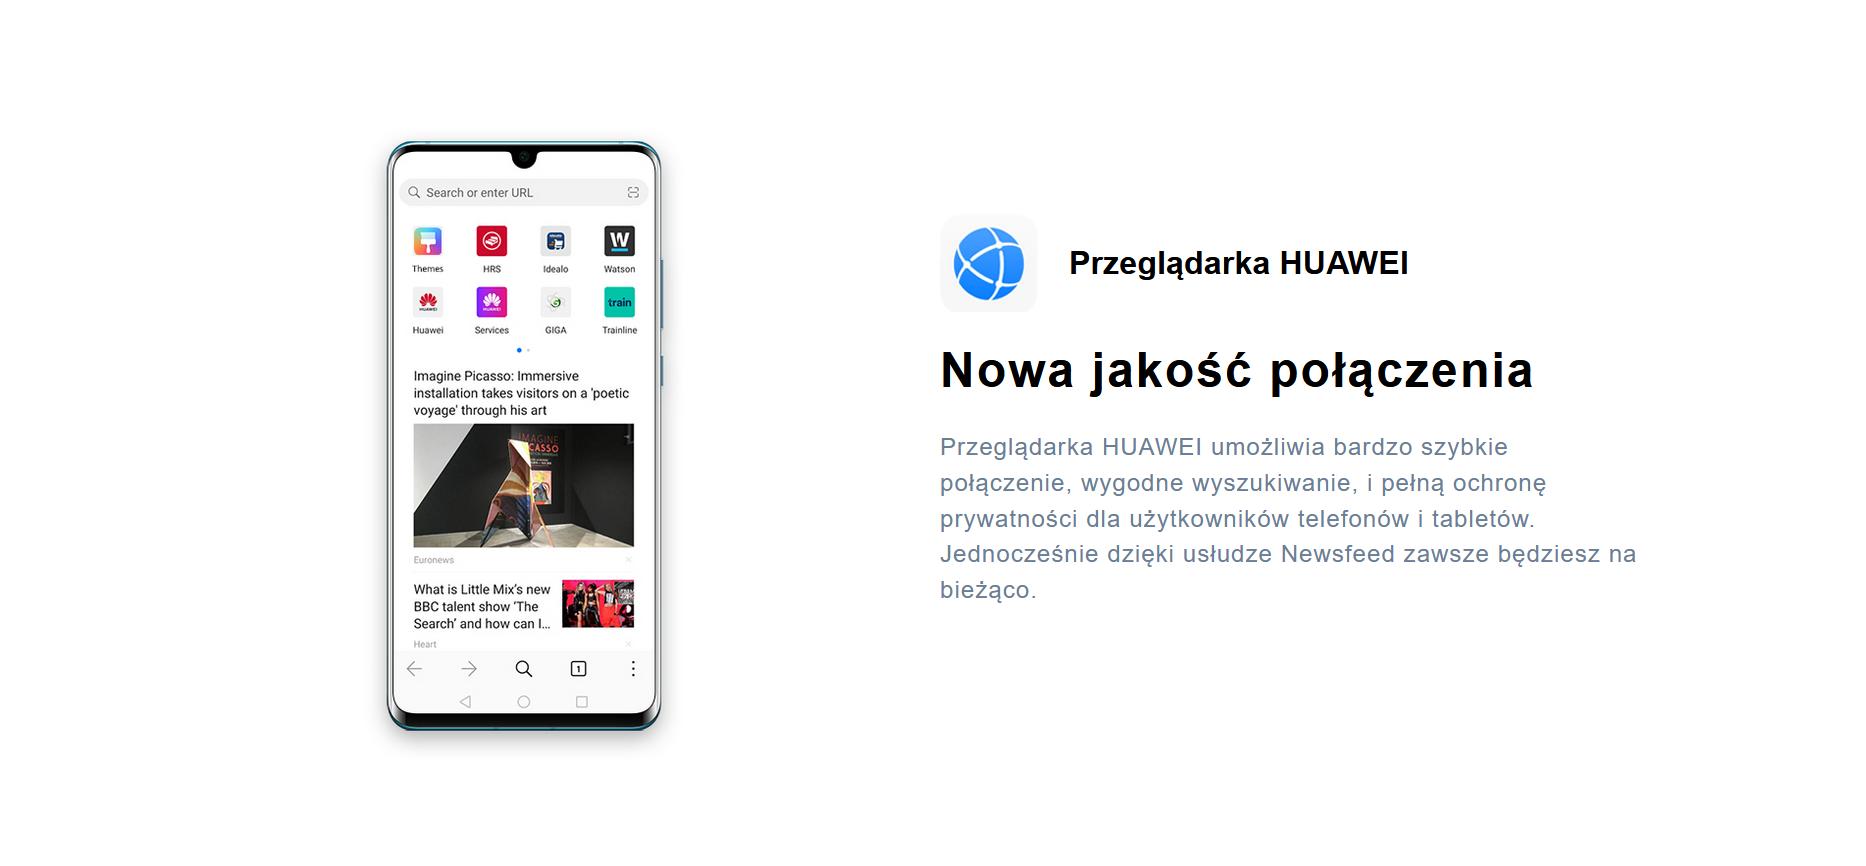 Huawei rozdaje smartfony. Wystarczy zrzut ekranu Przeglądarki, by powalczyć o P30 Pro 18